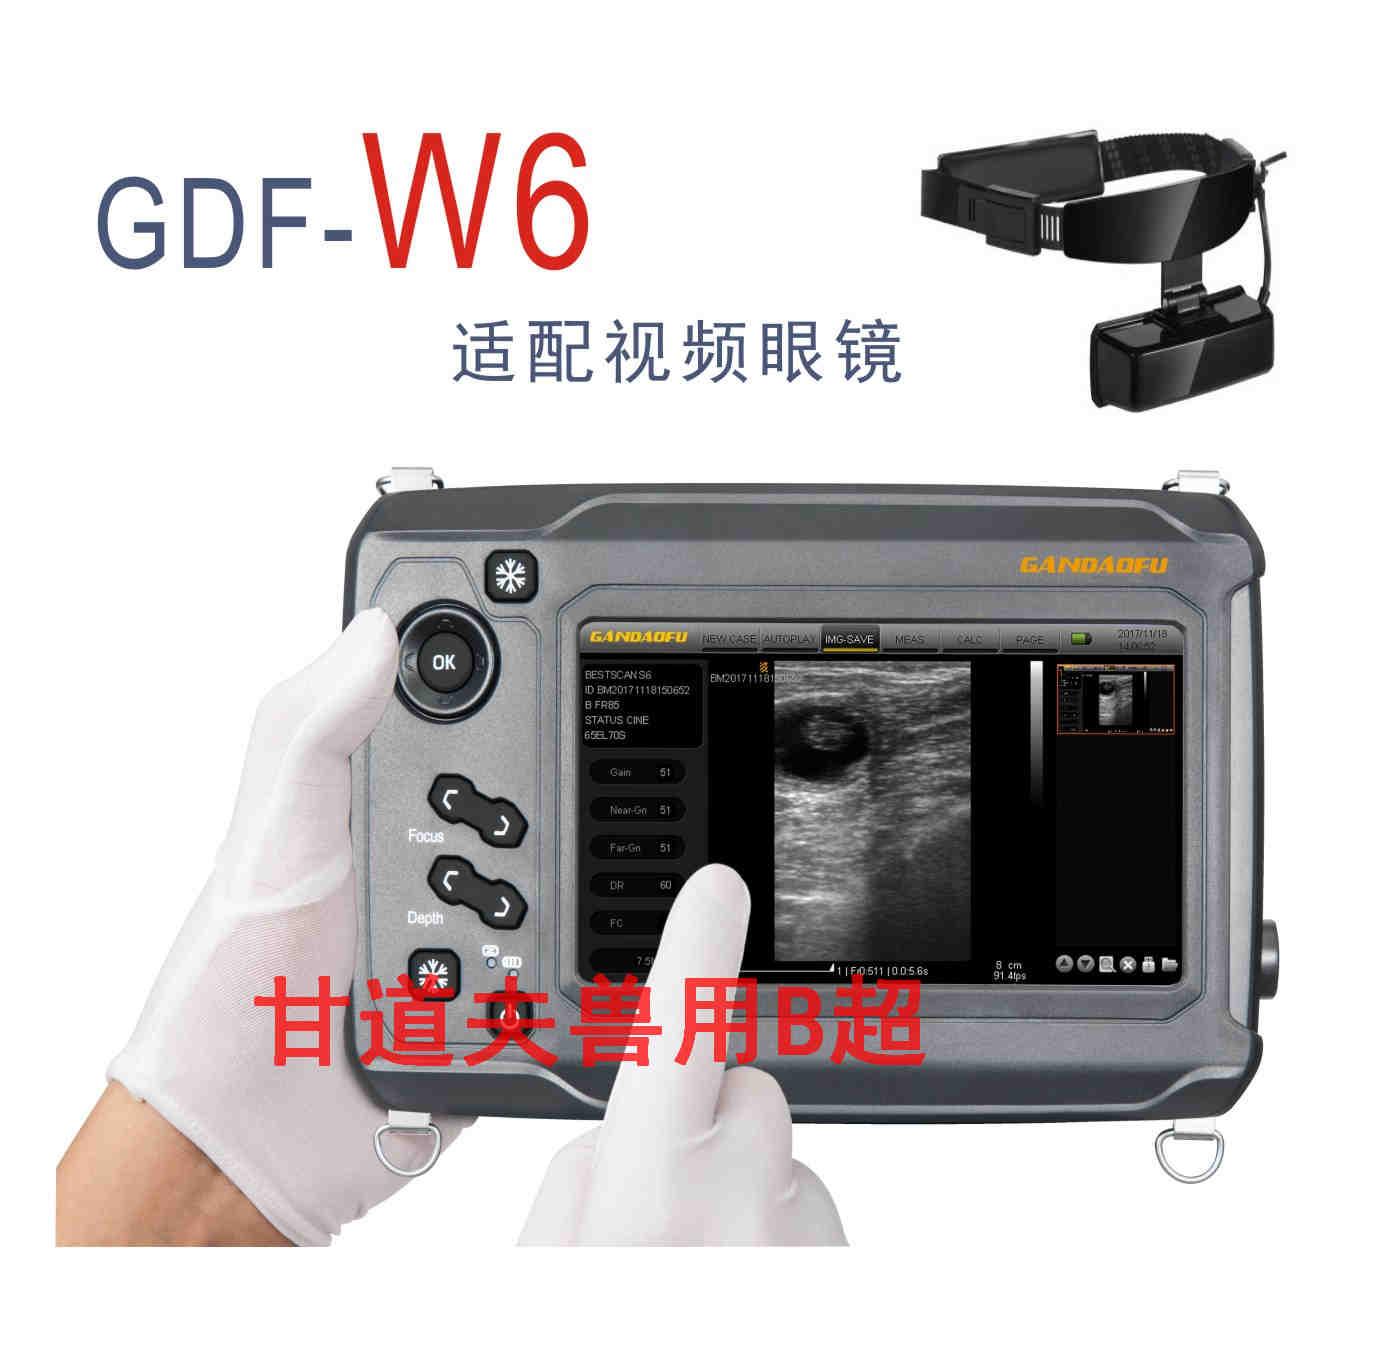 牛用B超GDF-W6